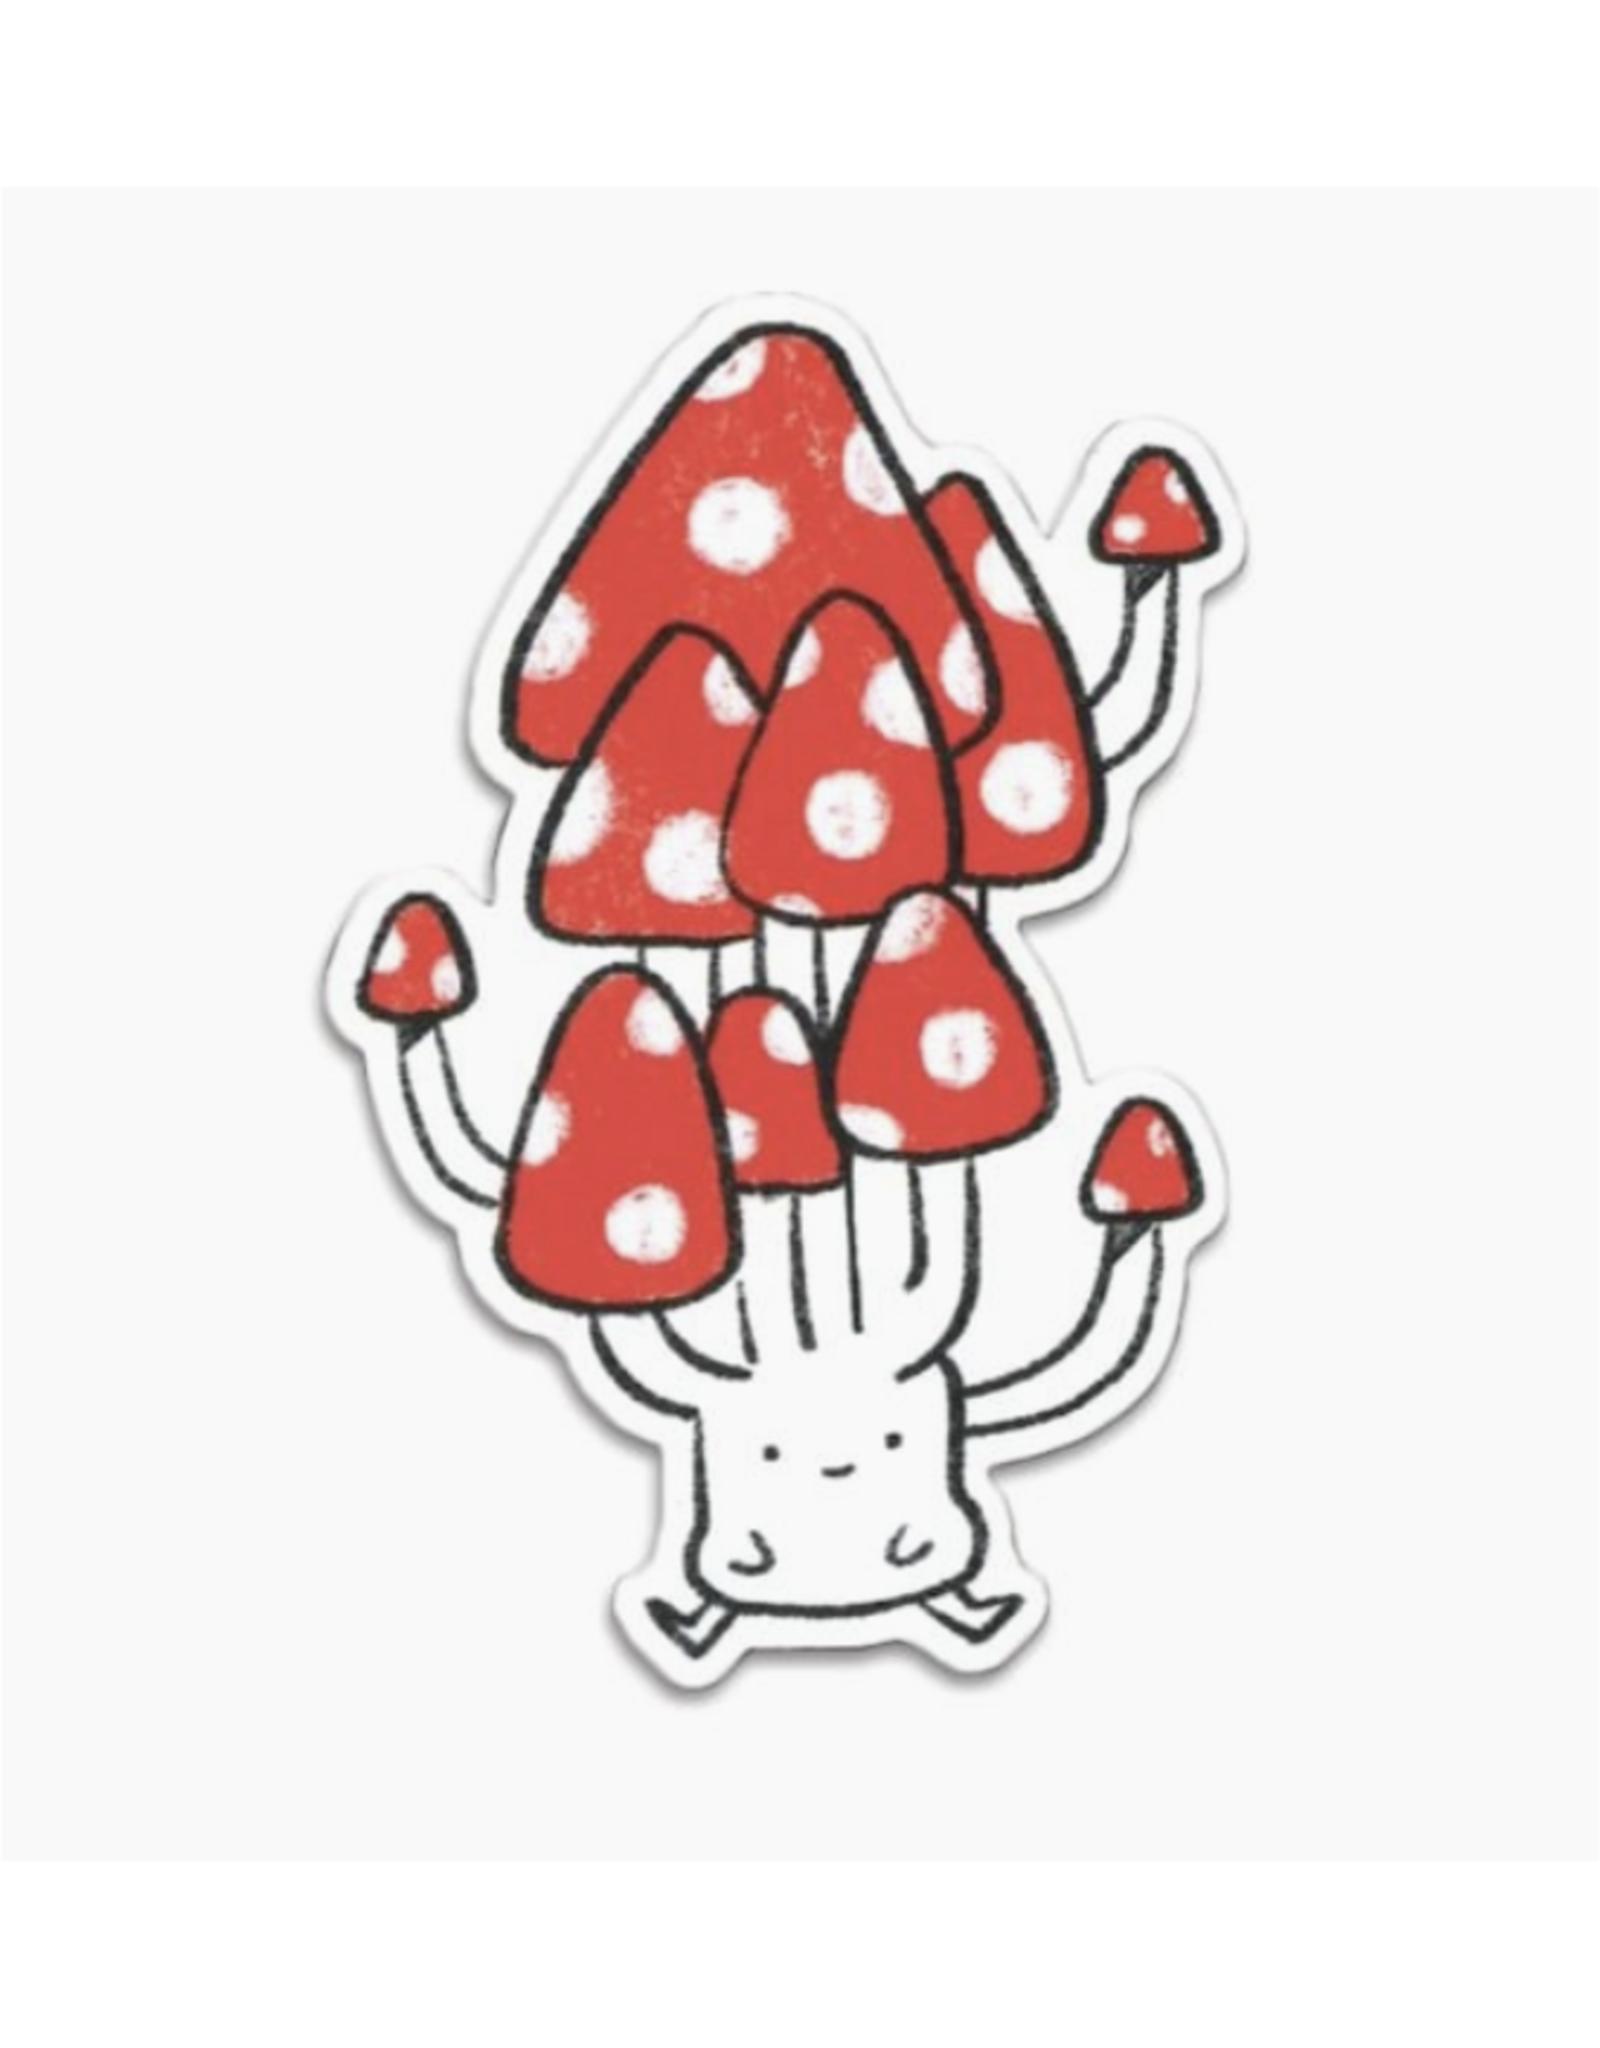 Cute Mushroom Vinyl Sticker